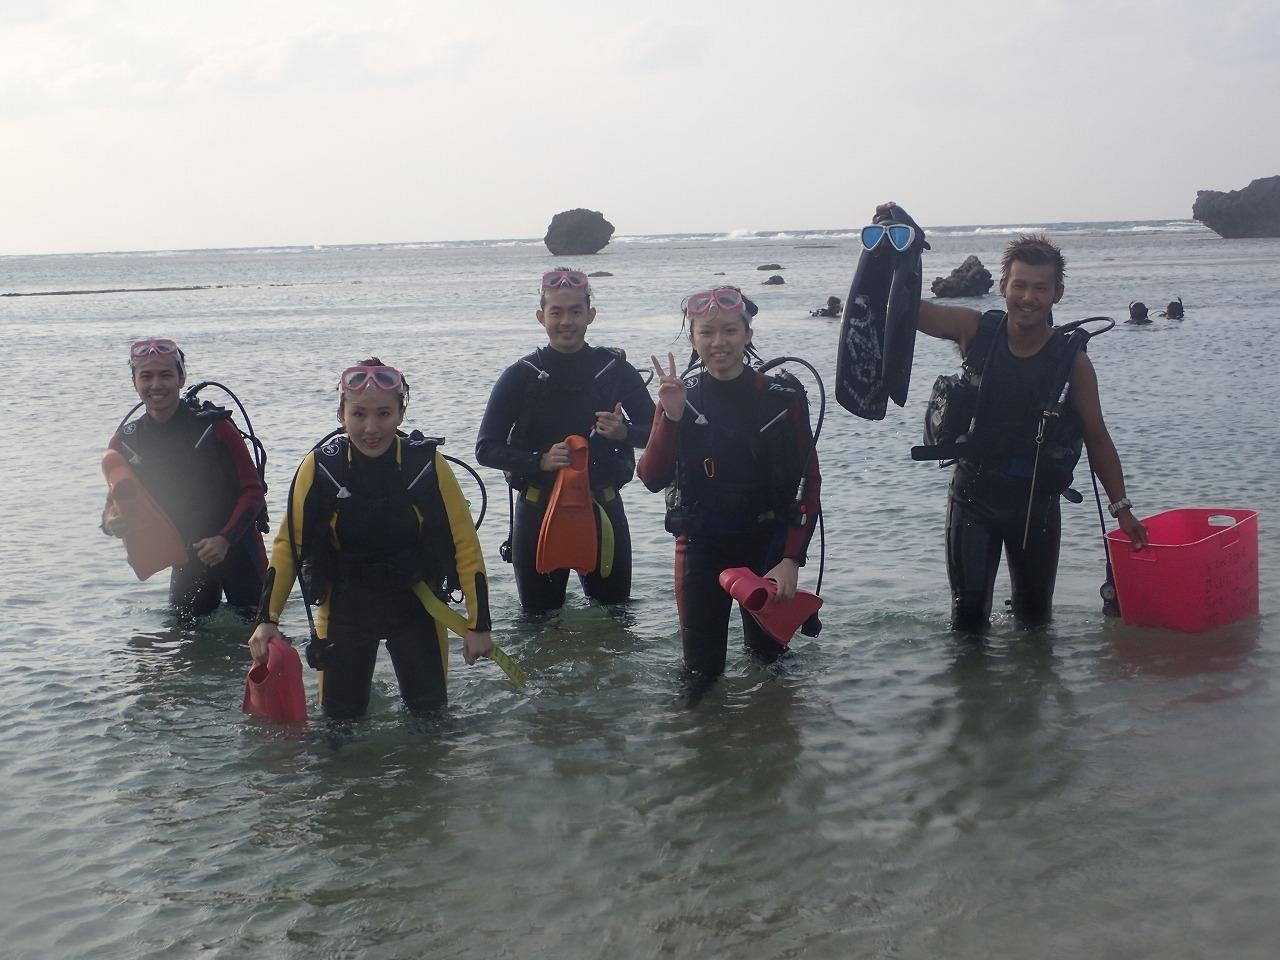 2014.10.27.4位鯨鯊體驗潛水&熱帶魚體驗潛水